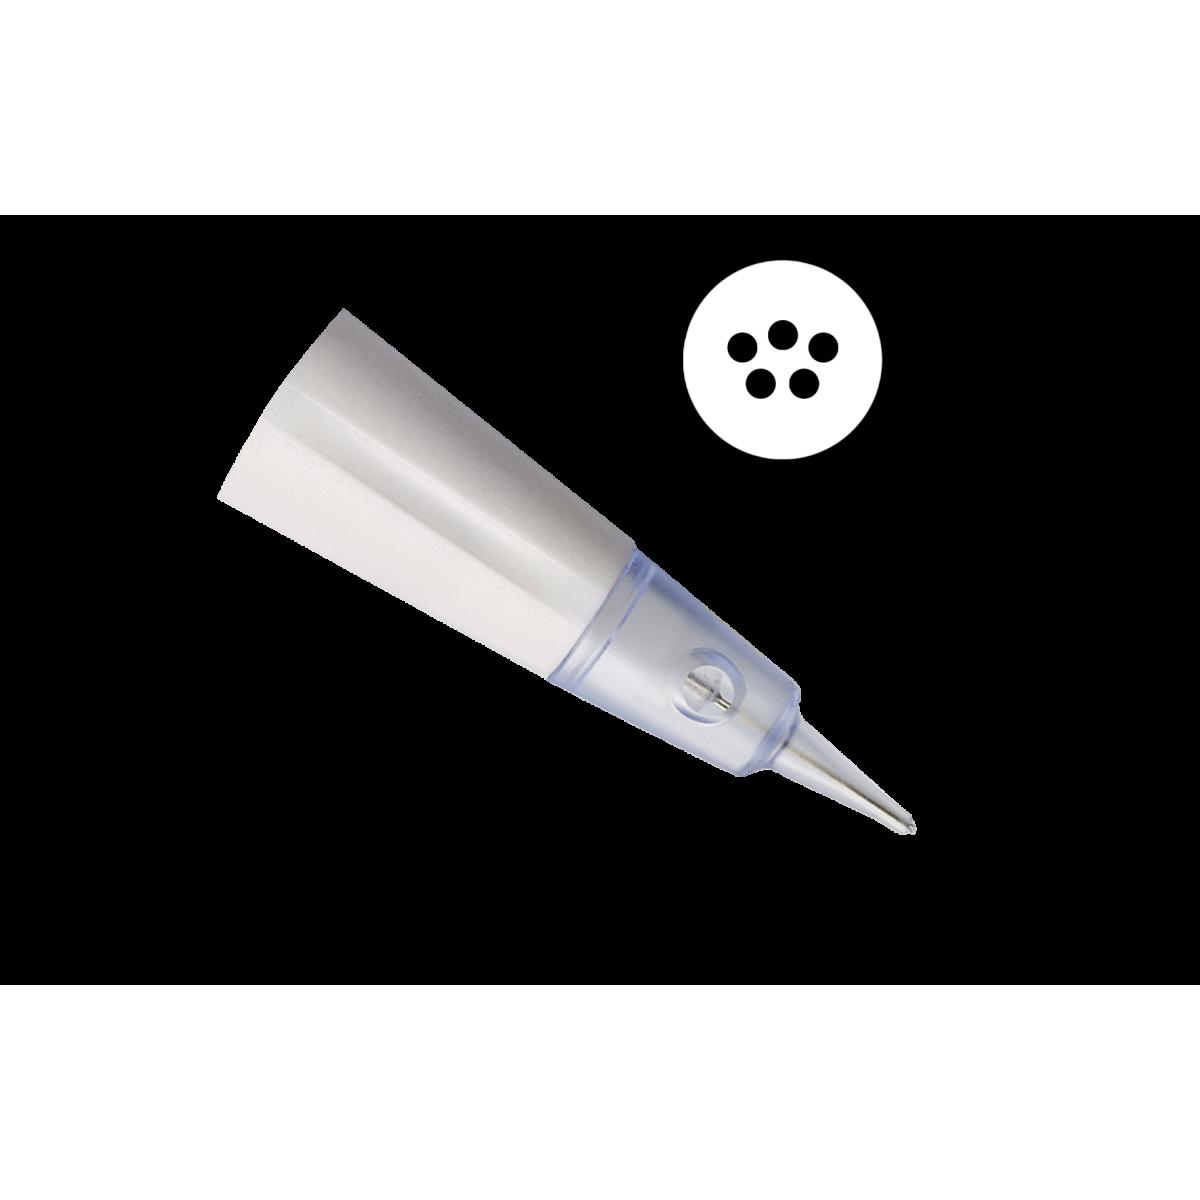 POUR GENIUS - MODULE 5 SHADER (0,30 mm) GENIUS AMIEA